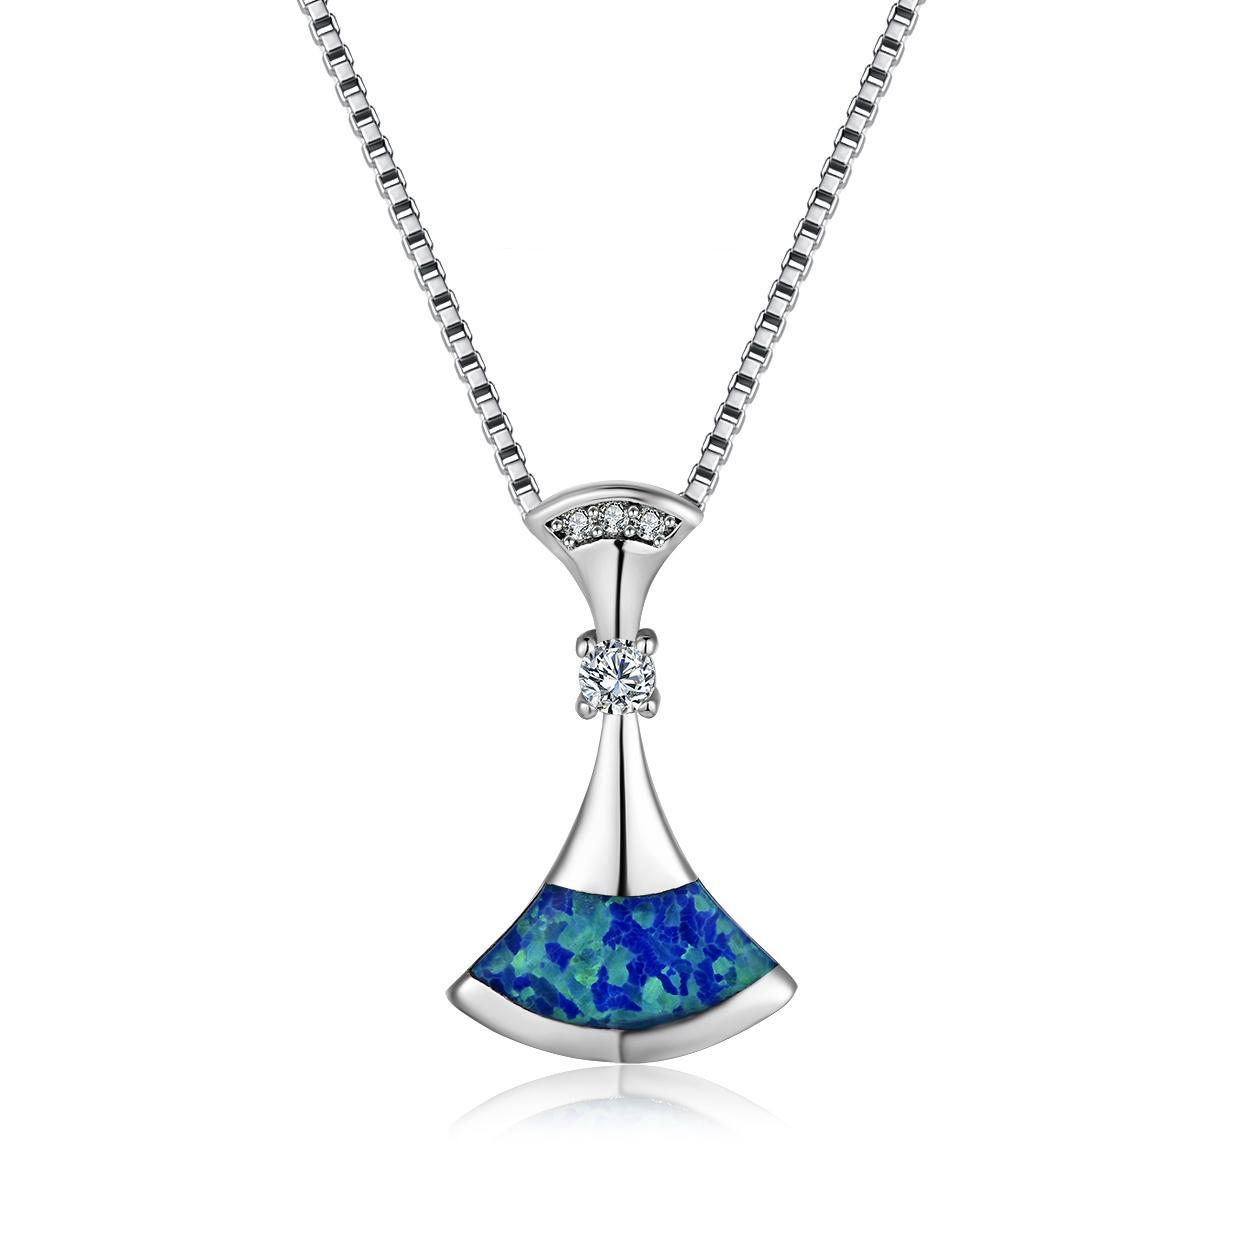 fa4450b7af69 Compre 2018 Nuevo Collar De Ópalo Azul De Lujo De Plata De Ley 925 Del  Sector Uniqe Collares Colgantes De Boda Regalo Para Mujer A  4.28 Del  Xincheng2017 ...